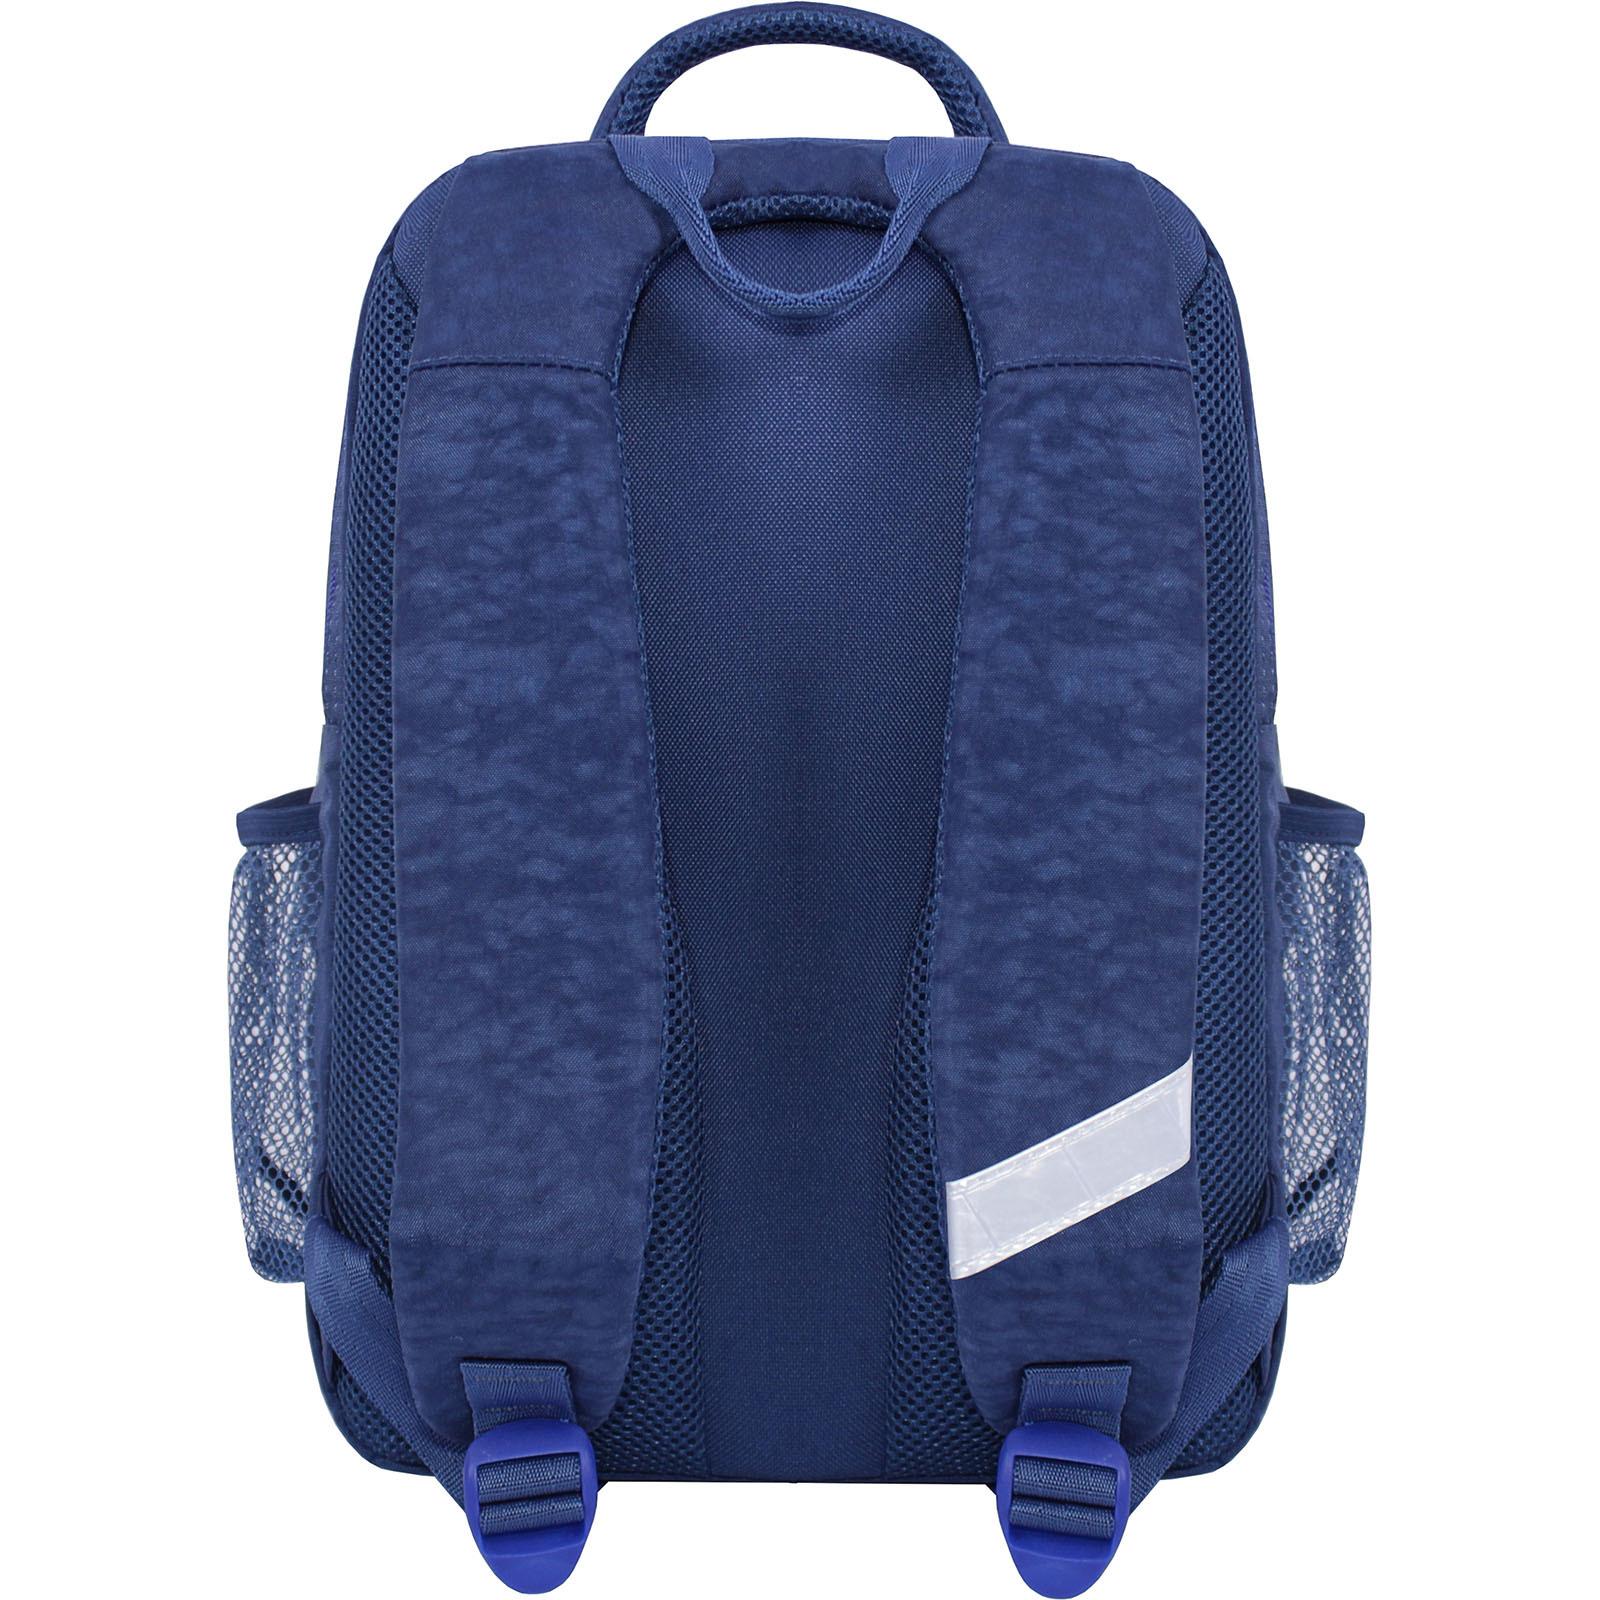 Рюкзак школьный Bagland Школьник 8 л. синий 507 (0012870) фото 3